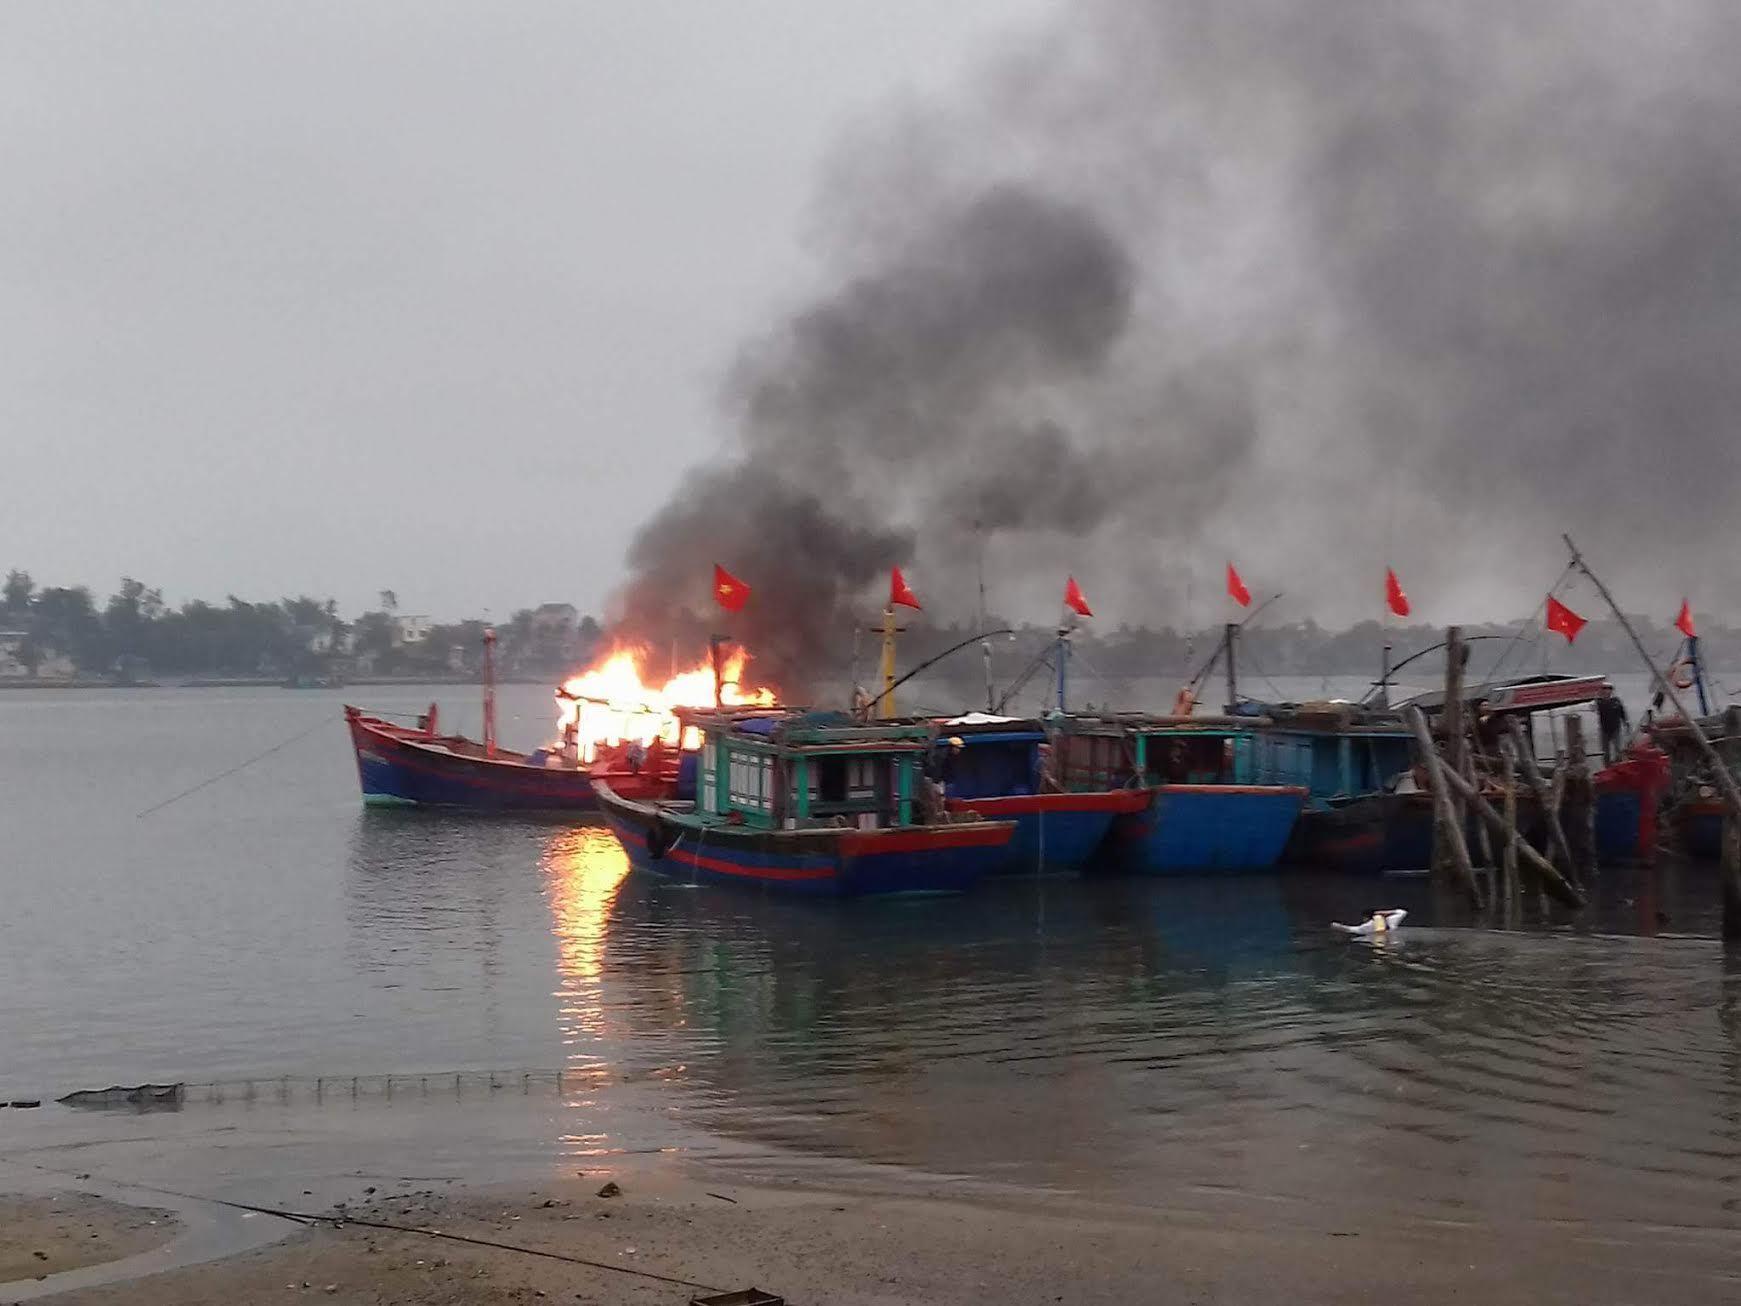 Quảng Bình: Tàu cá cháy rụi sau khi thắp hương ngày rằm